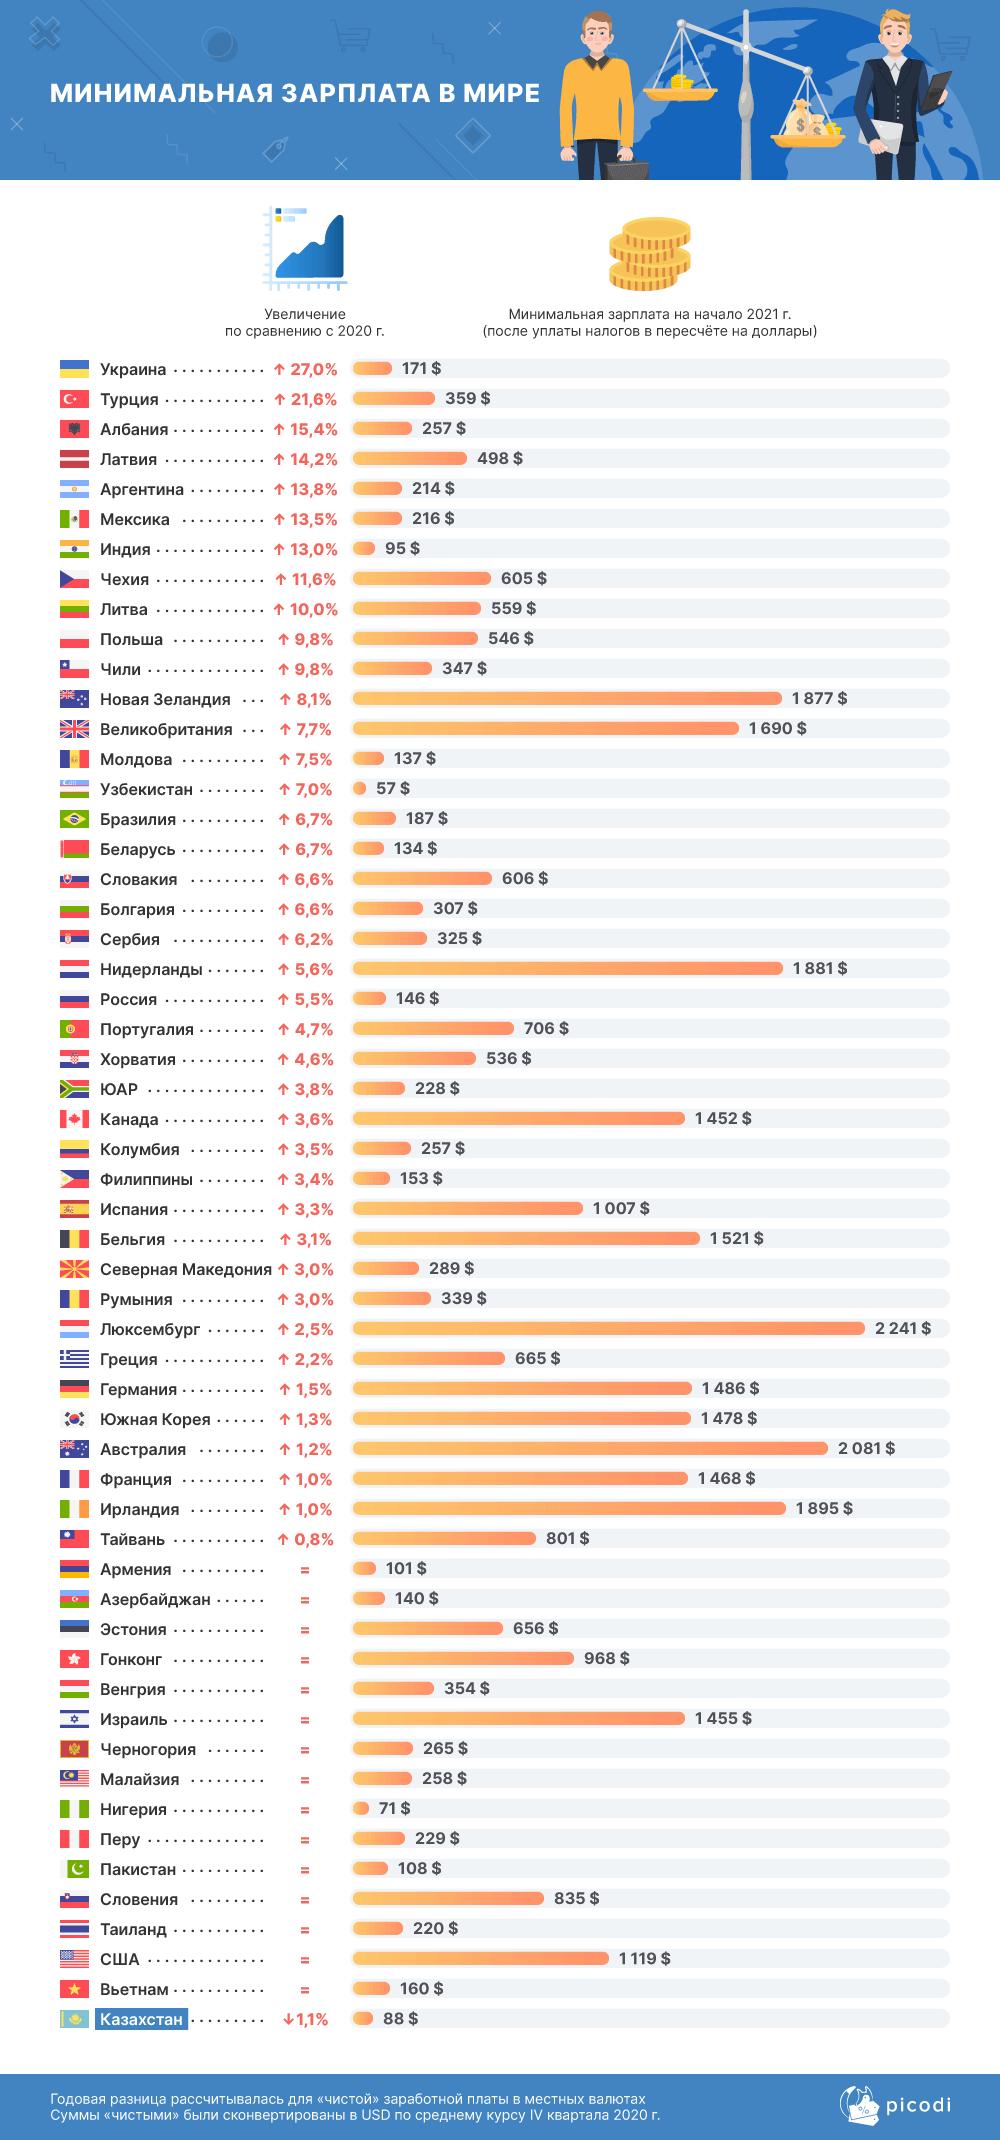 Как изменилась минимальная зарплата в разных странах и РК 563633 - Kapital.kz